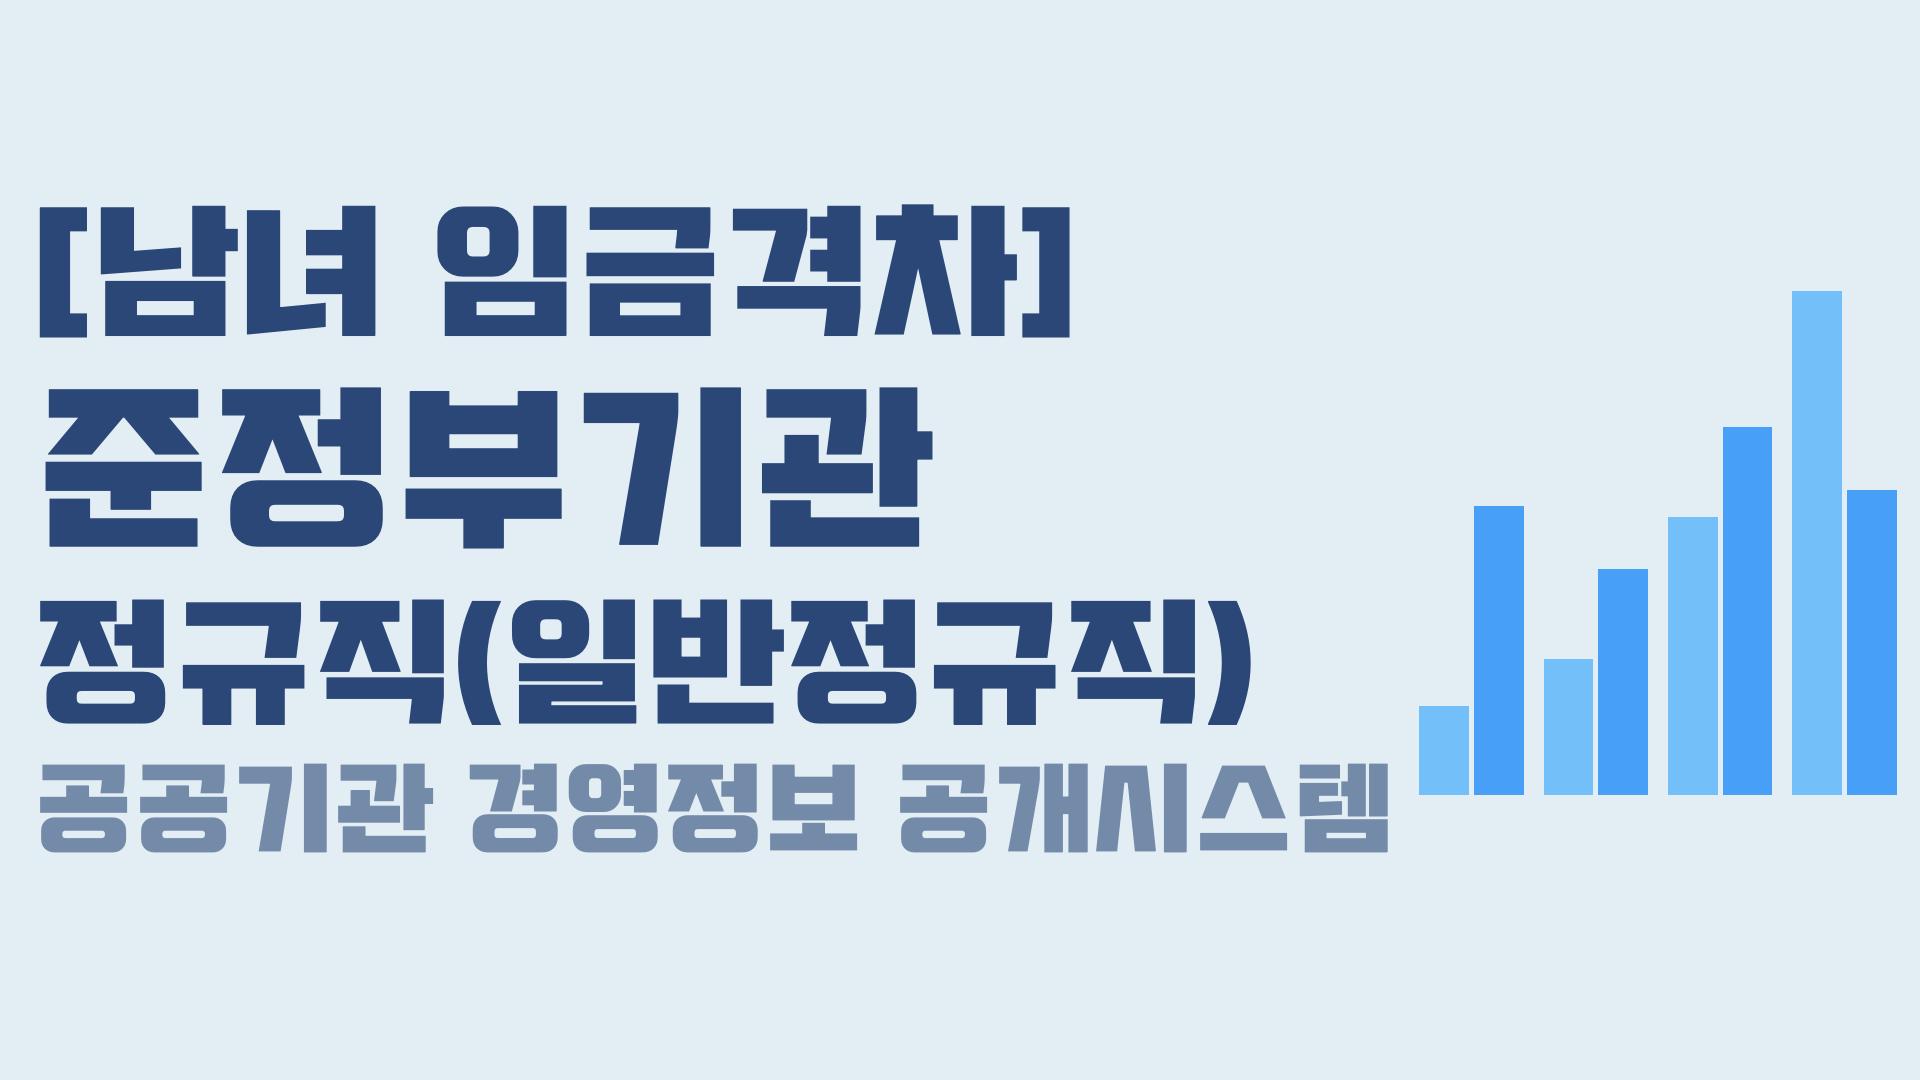 [공공기관 남녀 임금격차] 준정부기관 - 정규직(일반정규직)